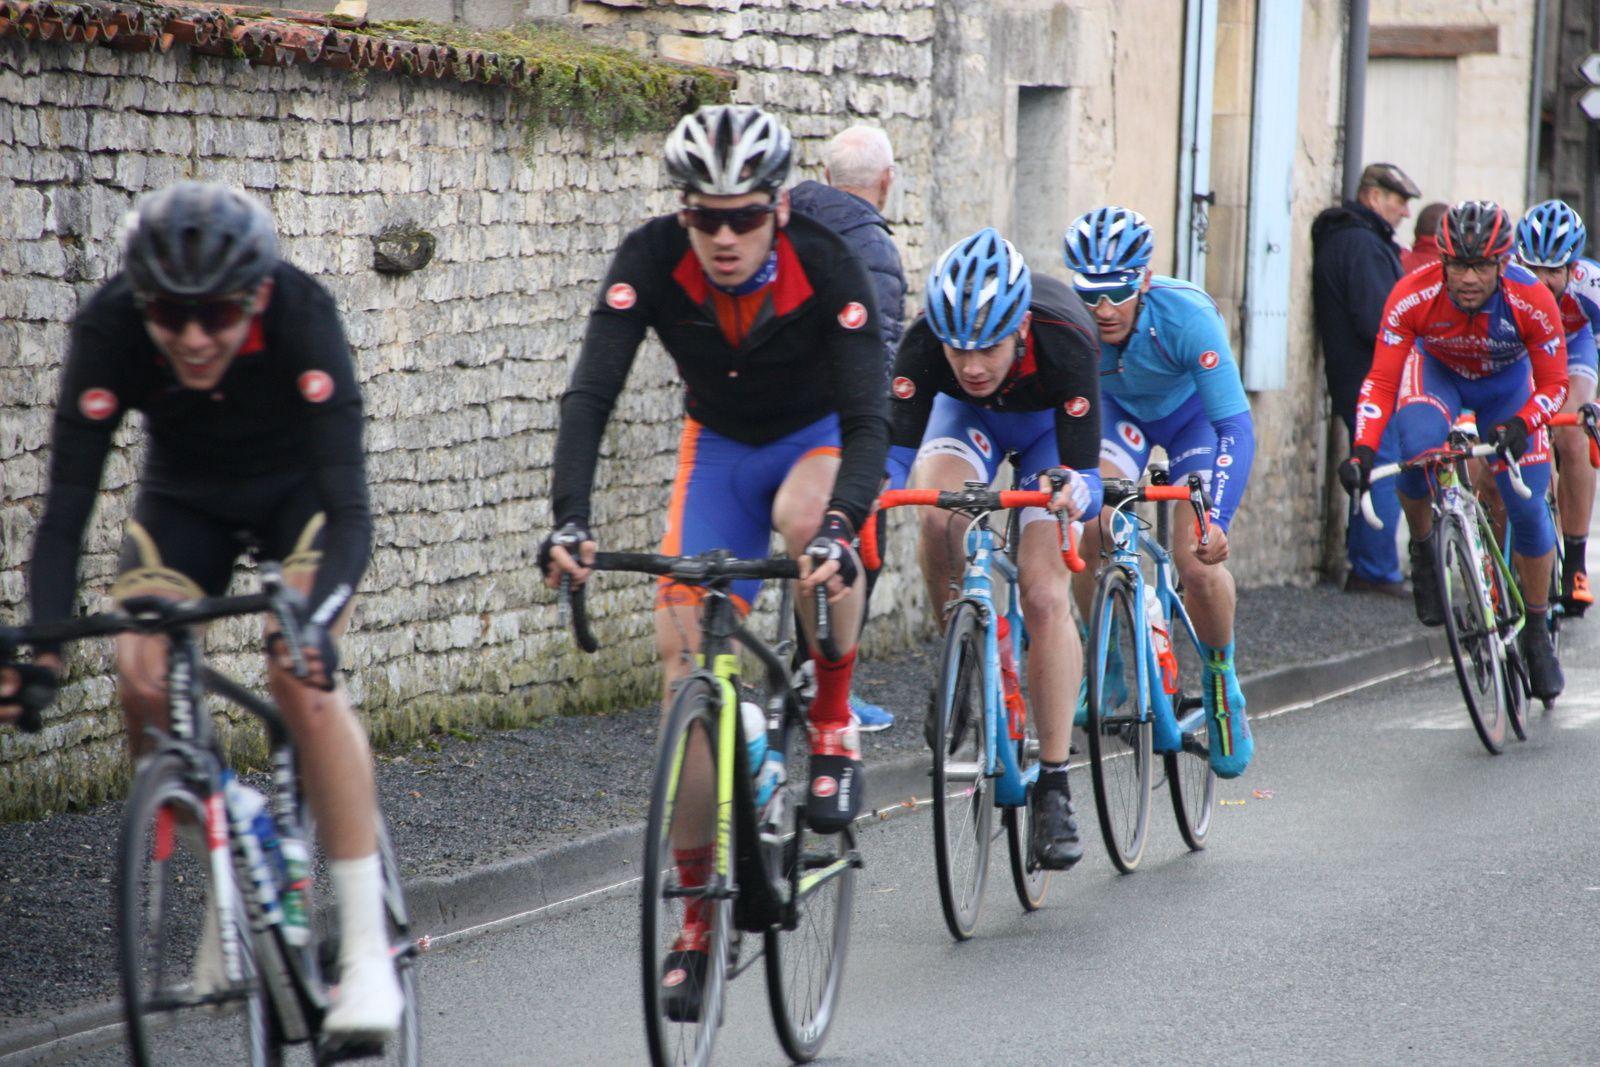 1er  passage sur la ligne  à  Fouqueure, l'APOGE est  fortement  représentée  dans le groupe de  tête  emmené par  Ludovic  NADON.